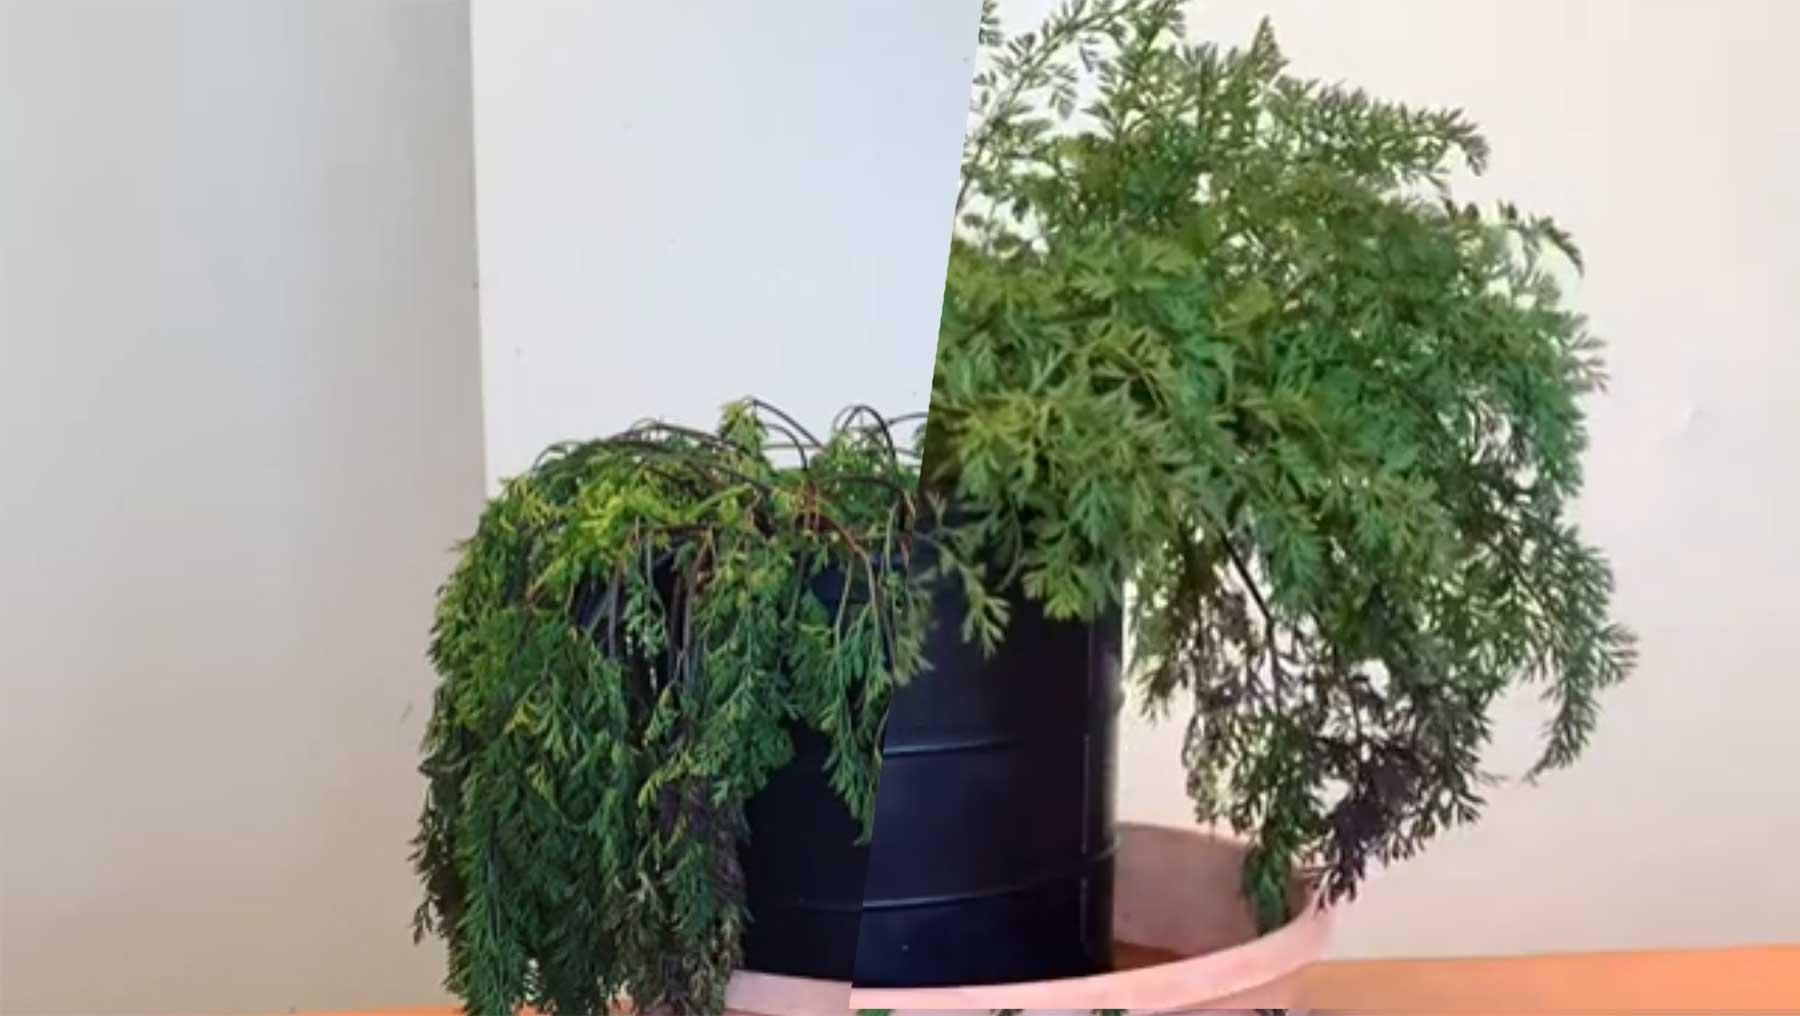 Zeitraffer einer sich erholenden Zimmerpflanze zimmerpflanze-erholt-sich